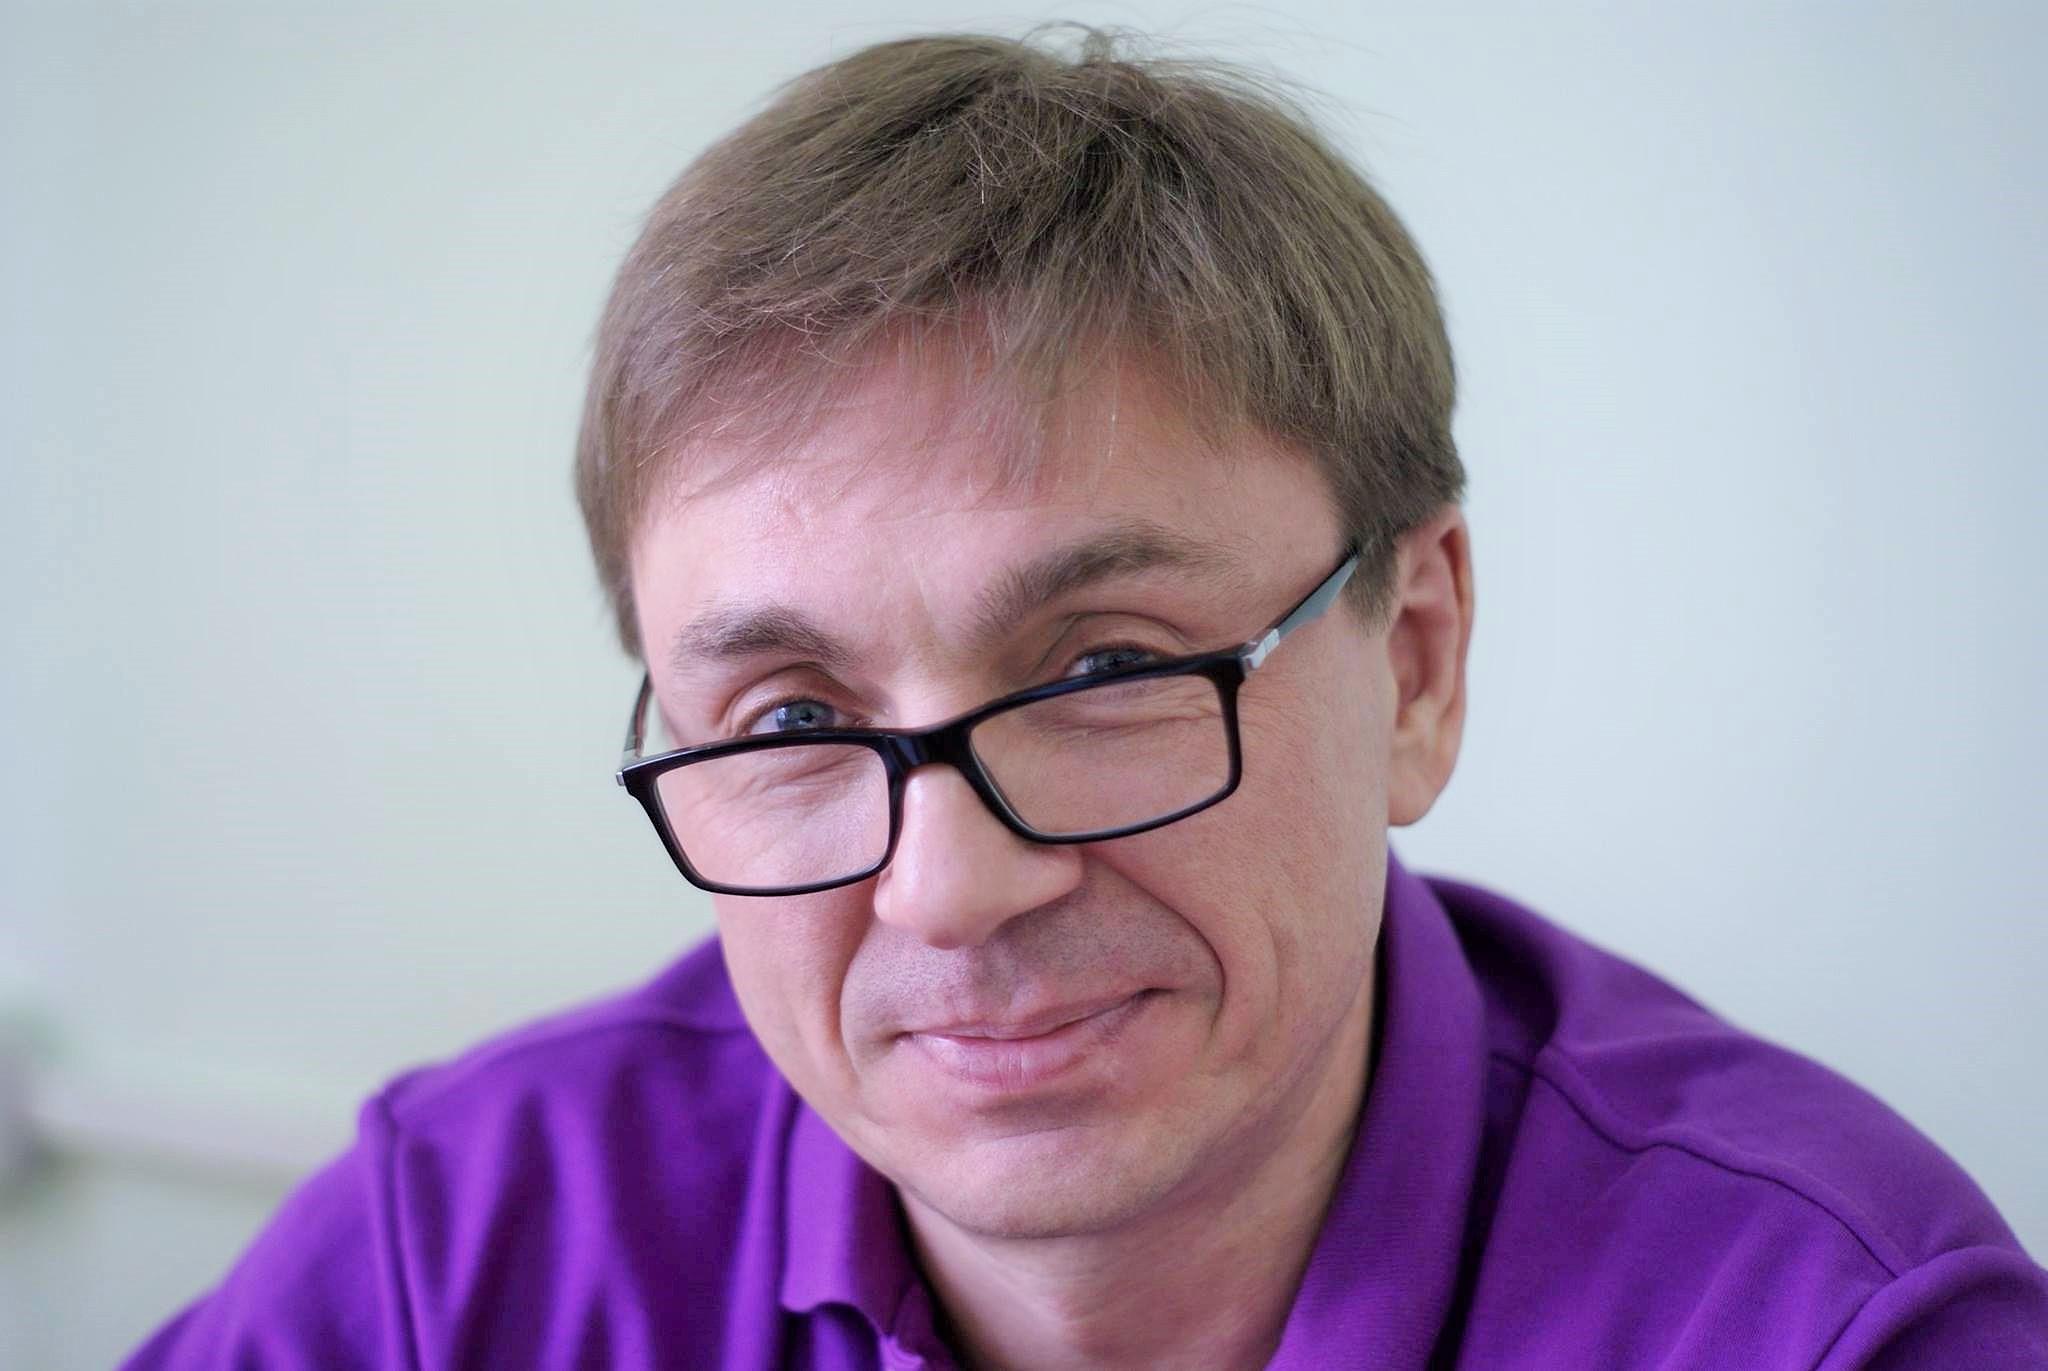 Кирилл Искренко, 9111.ru